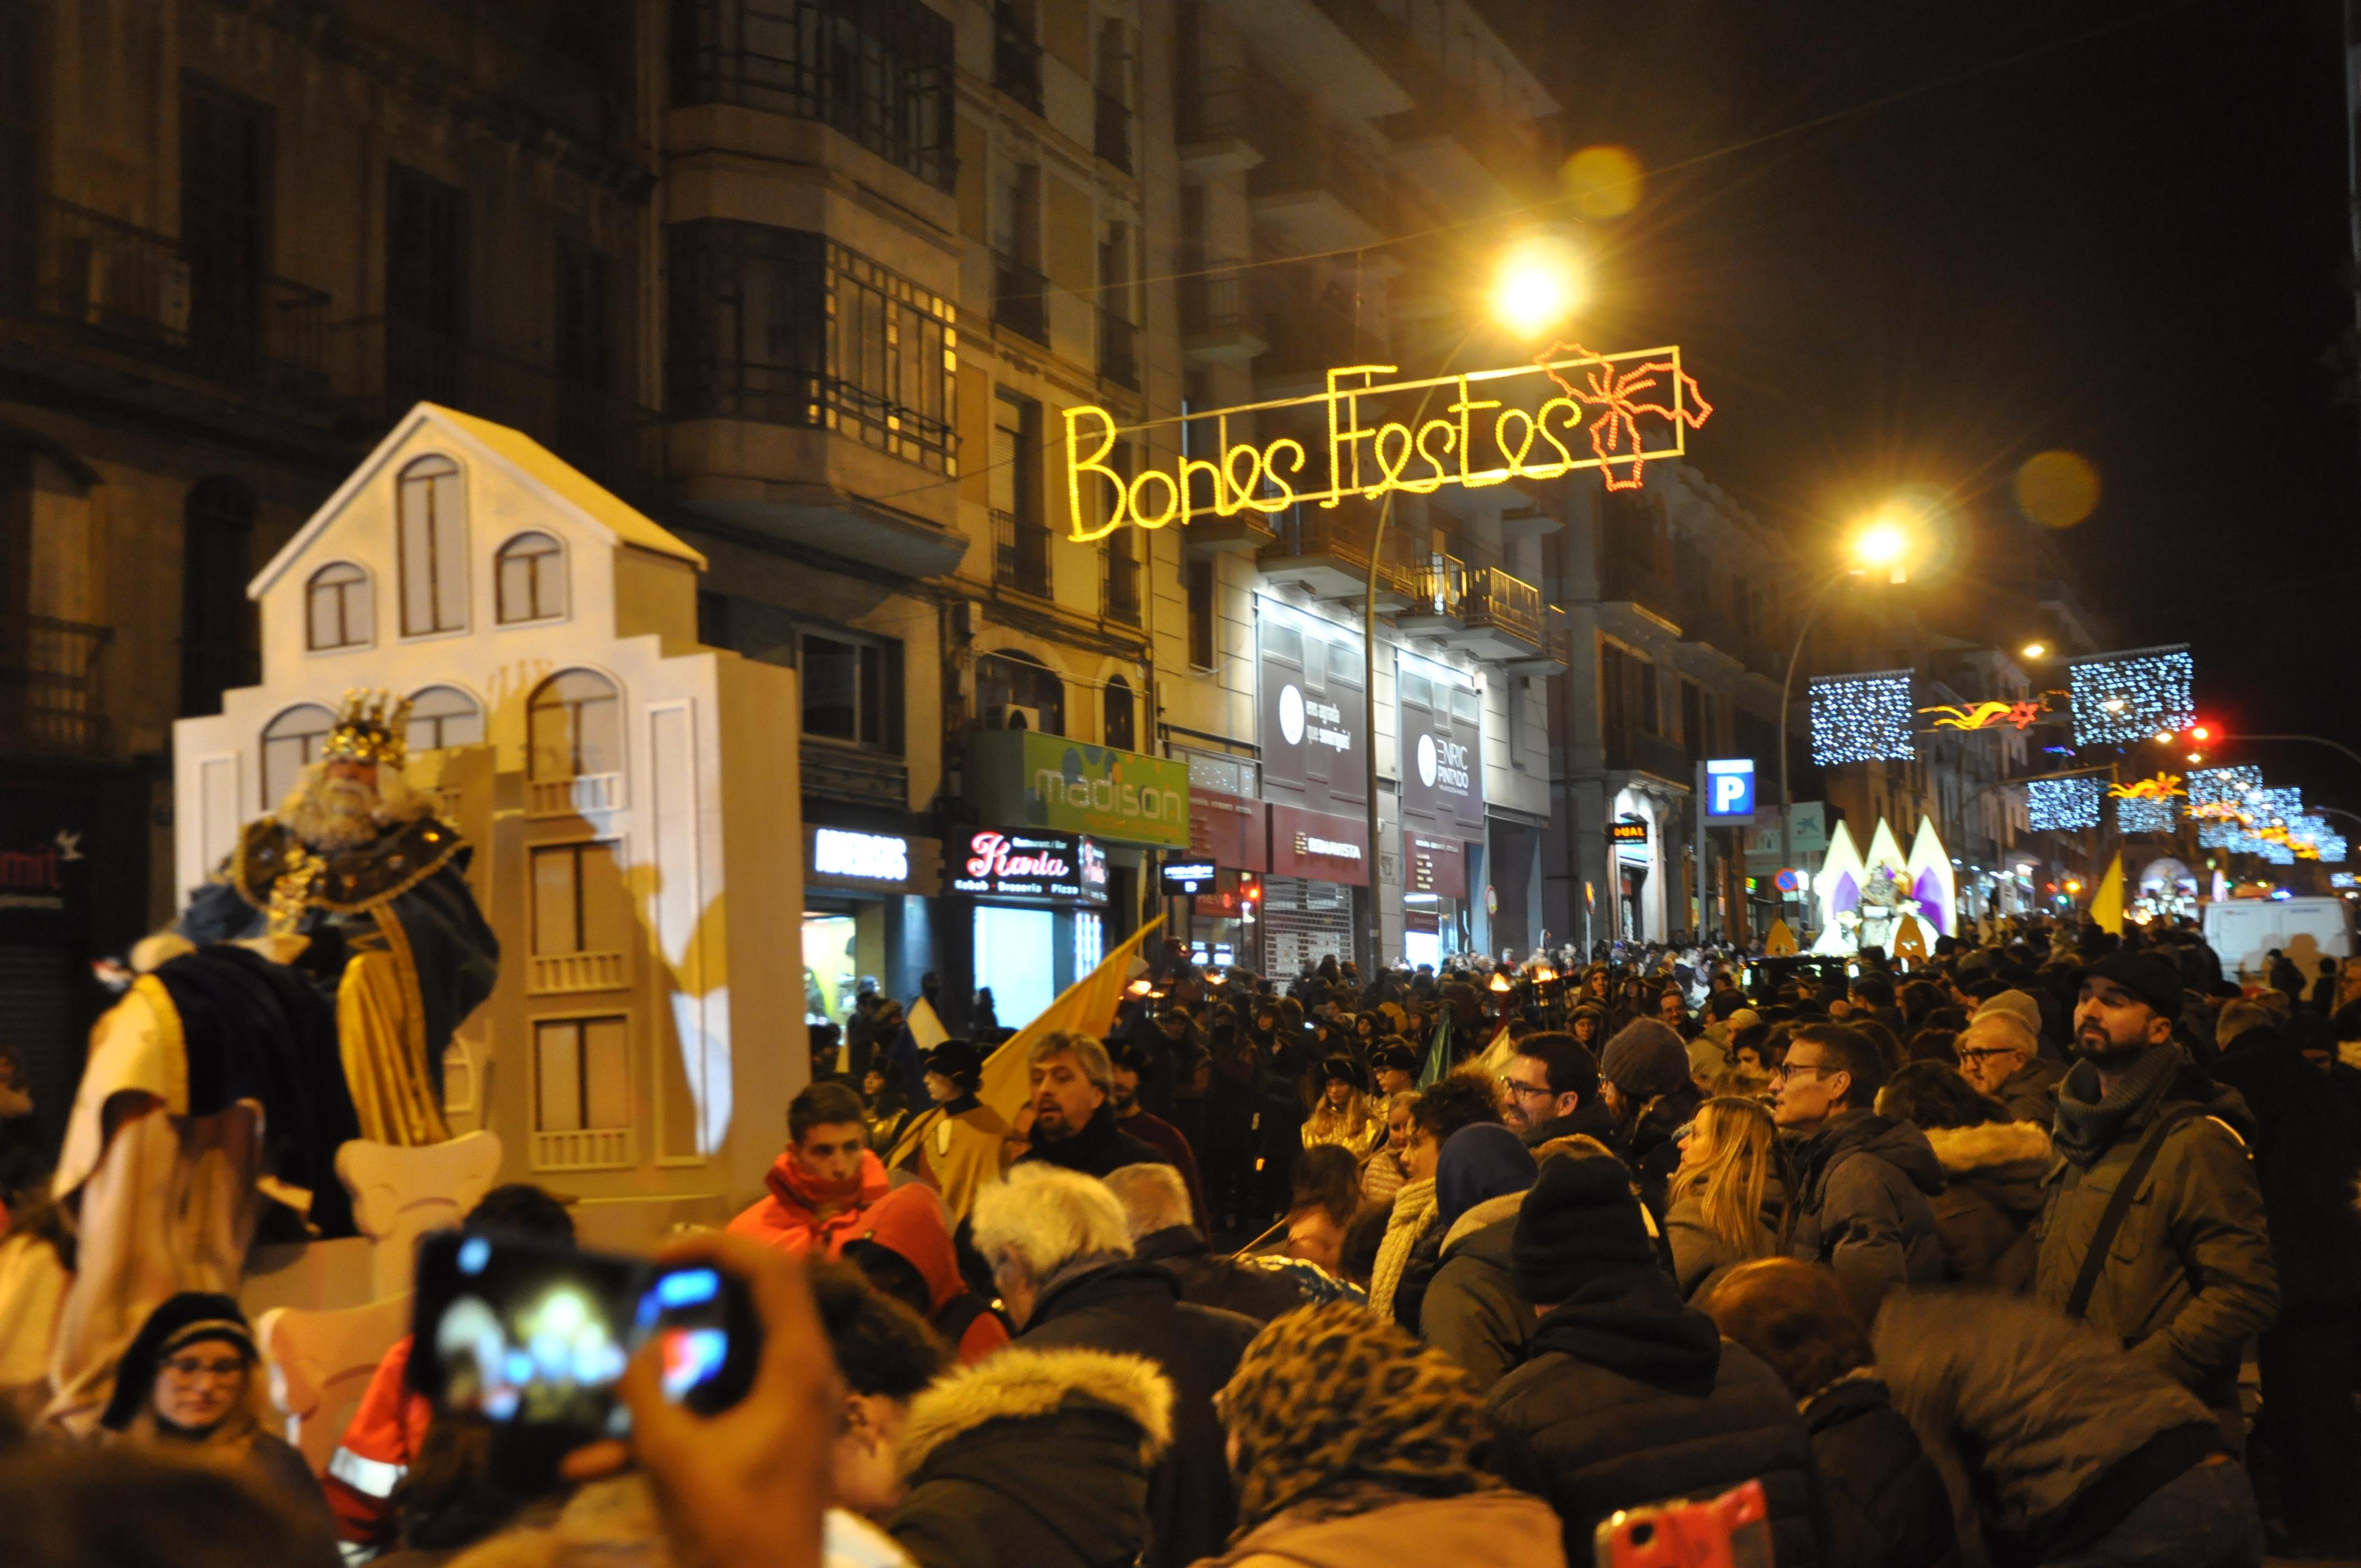 CRÒNICA: Una multitud rep amb il·lusió els Reis d'Orient a Manresa